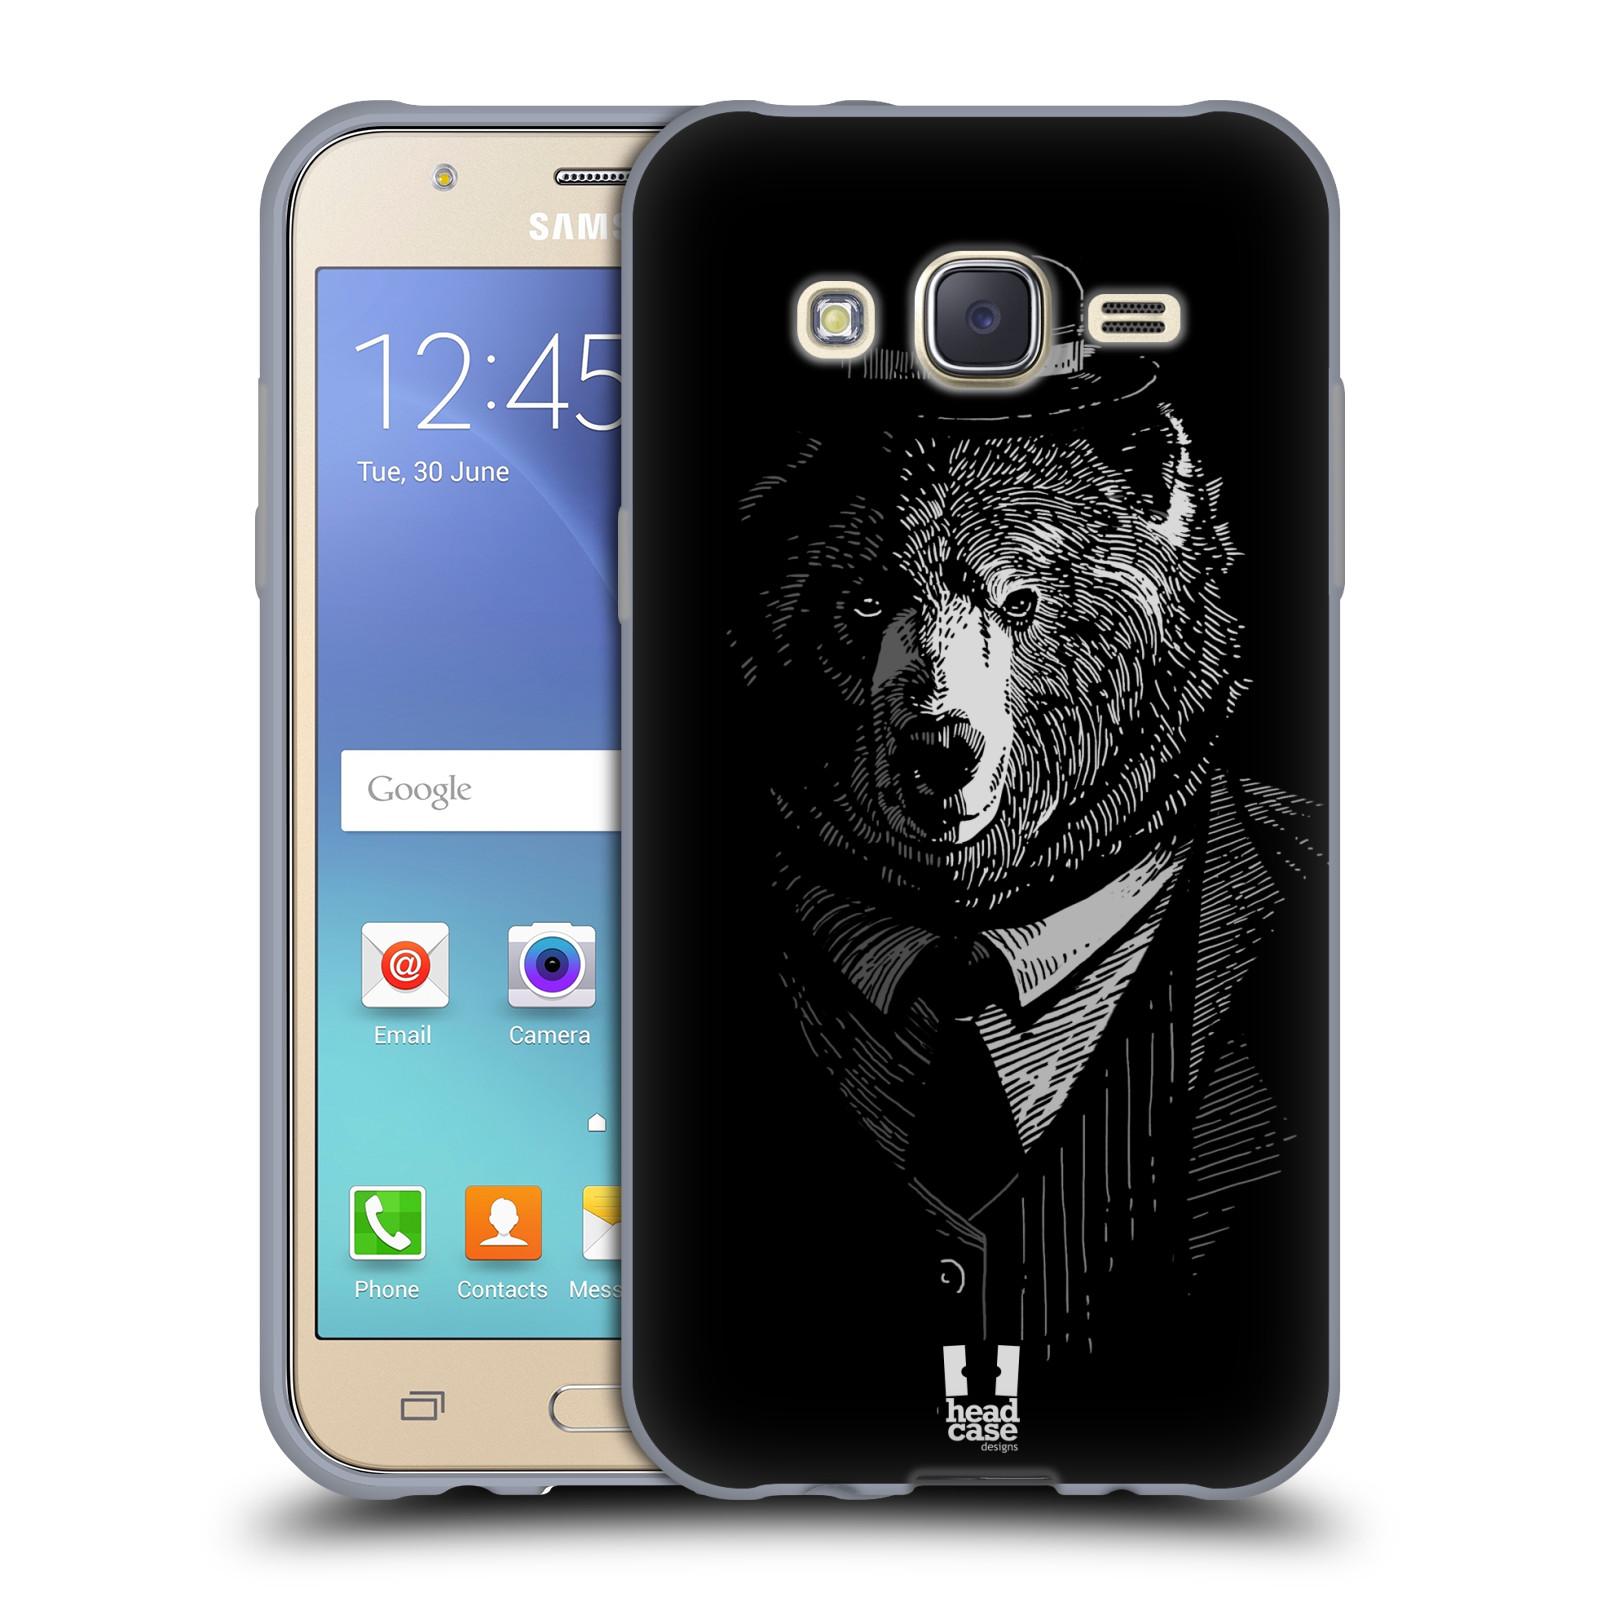 HEAD CASE silikonový obal na mobil Samsung Galaxy J5, J500, (J5 DUOS) vzor Zvíře v obleku medvěd